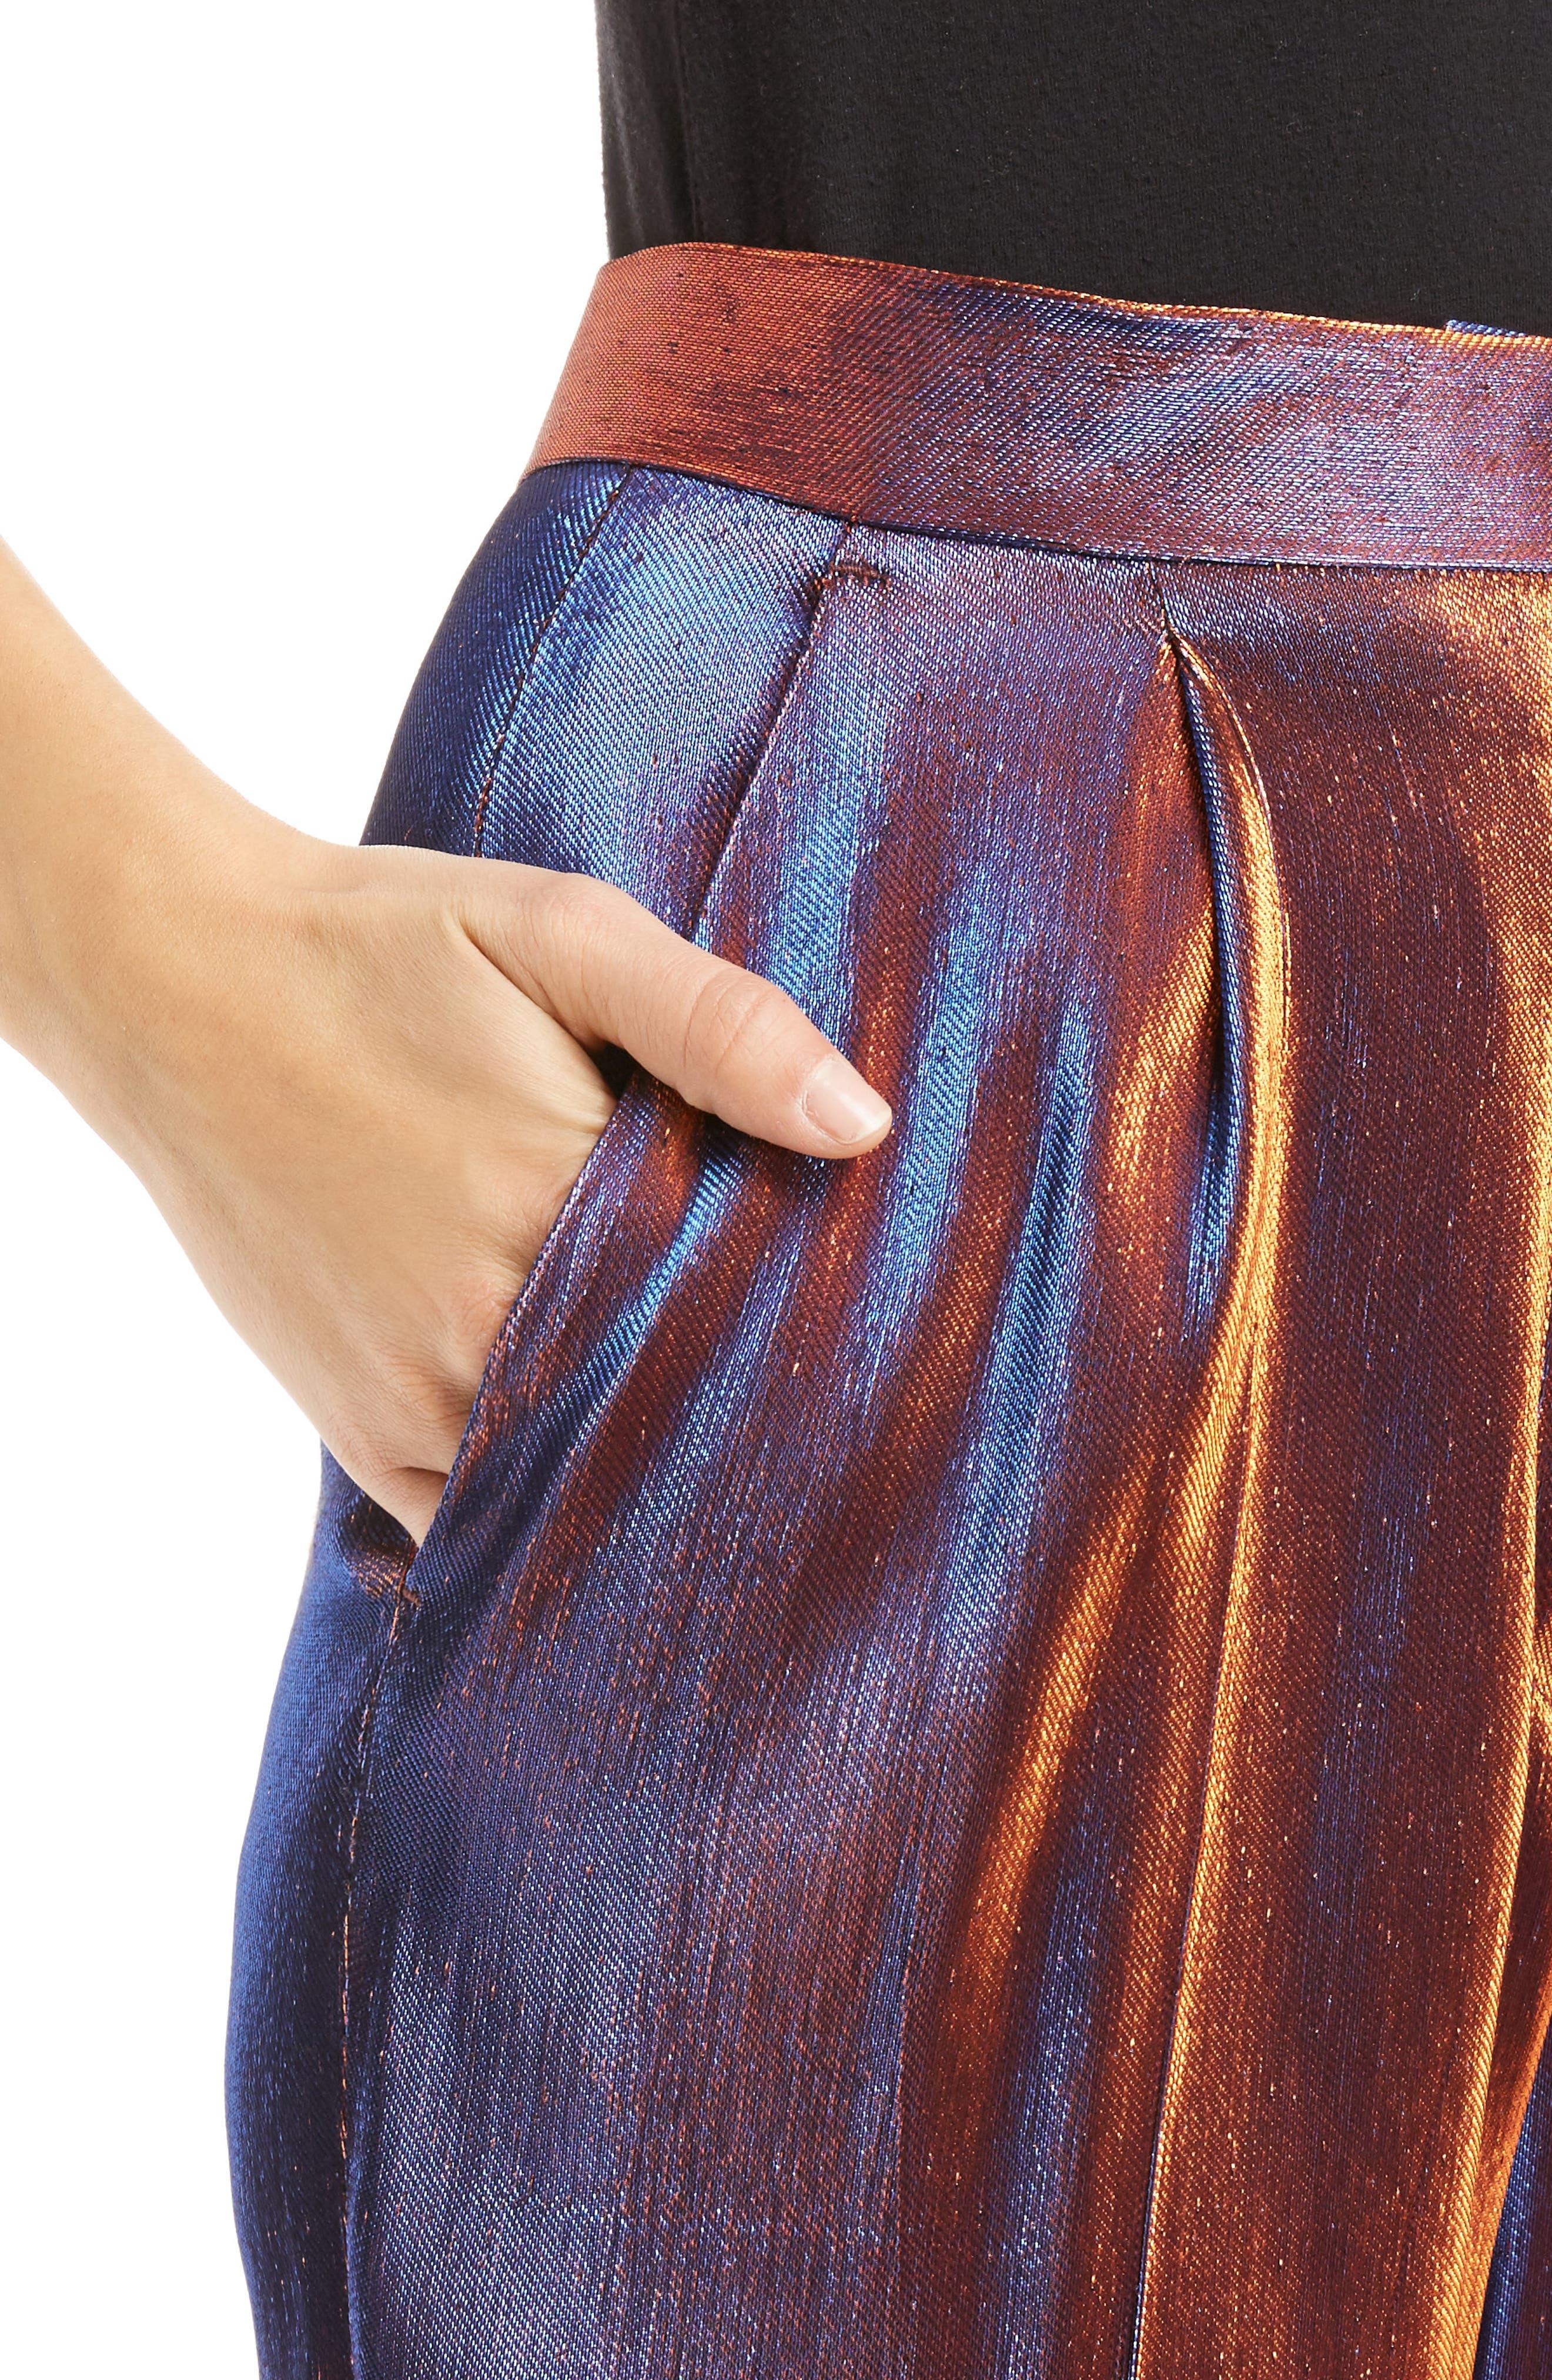 Two-Tone Lamé Crop Trousers,                             Alternate thumbnail 4, color,                             800